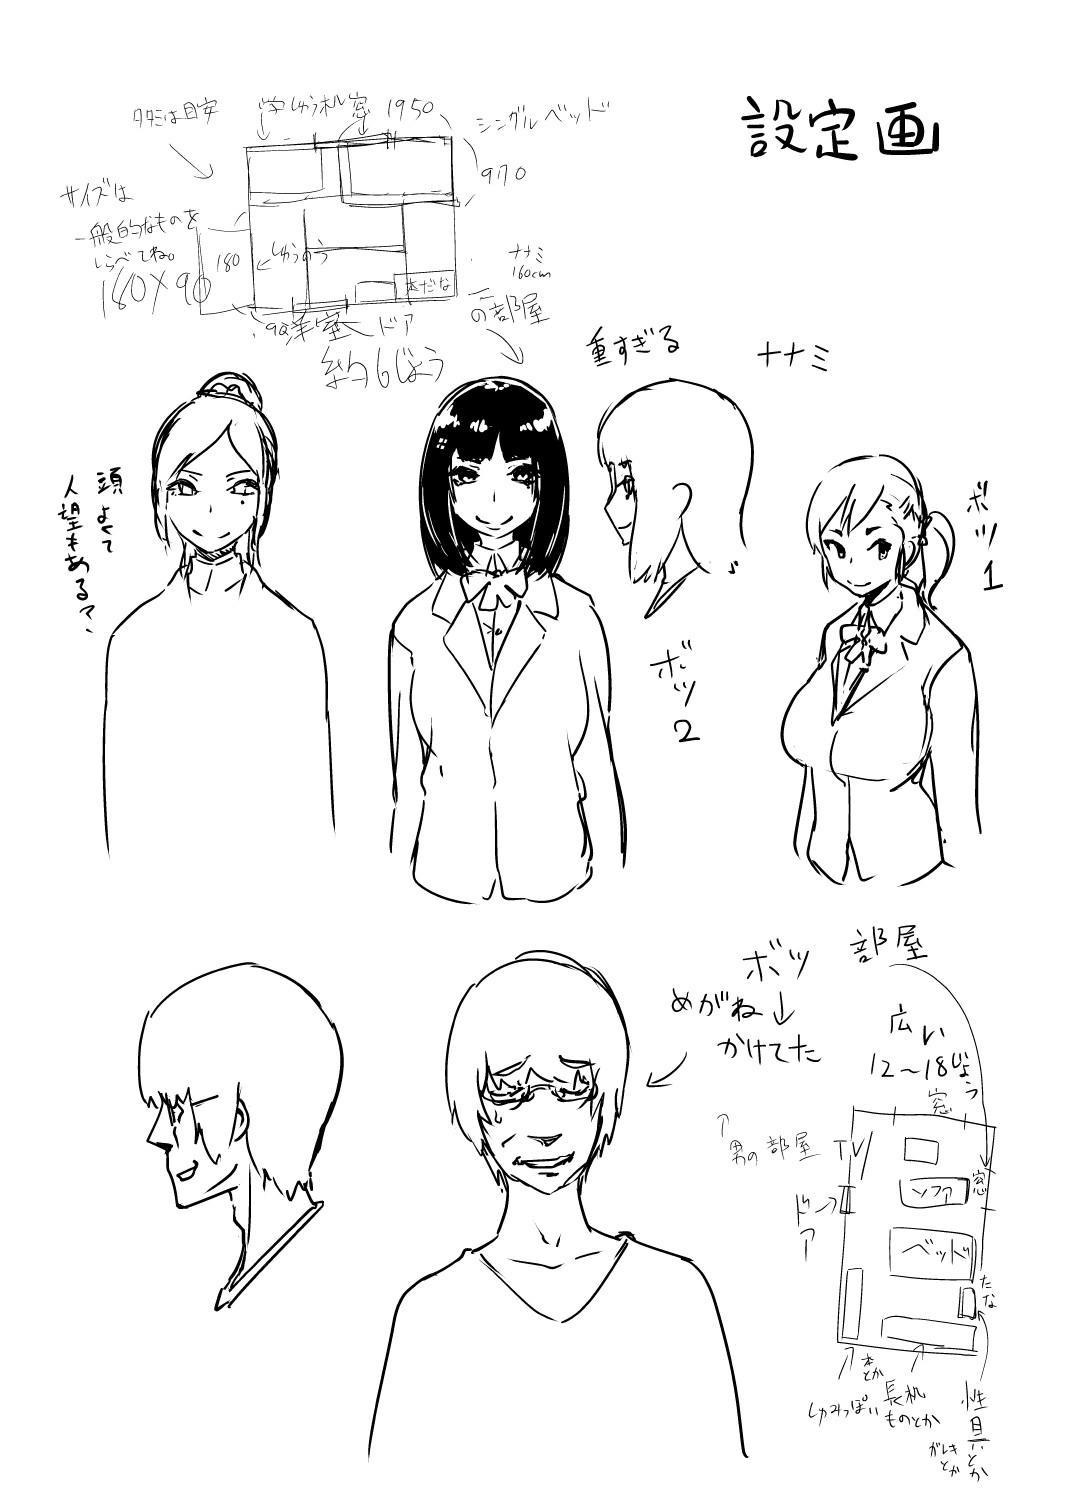 Inkaku Inkei-ka Shoukougun 37